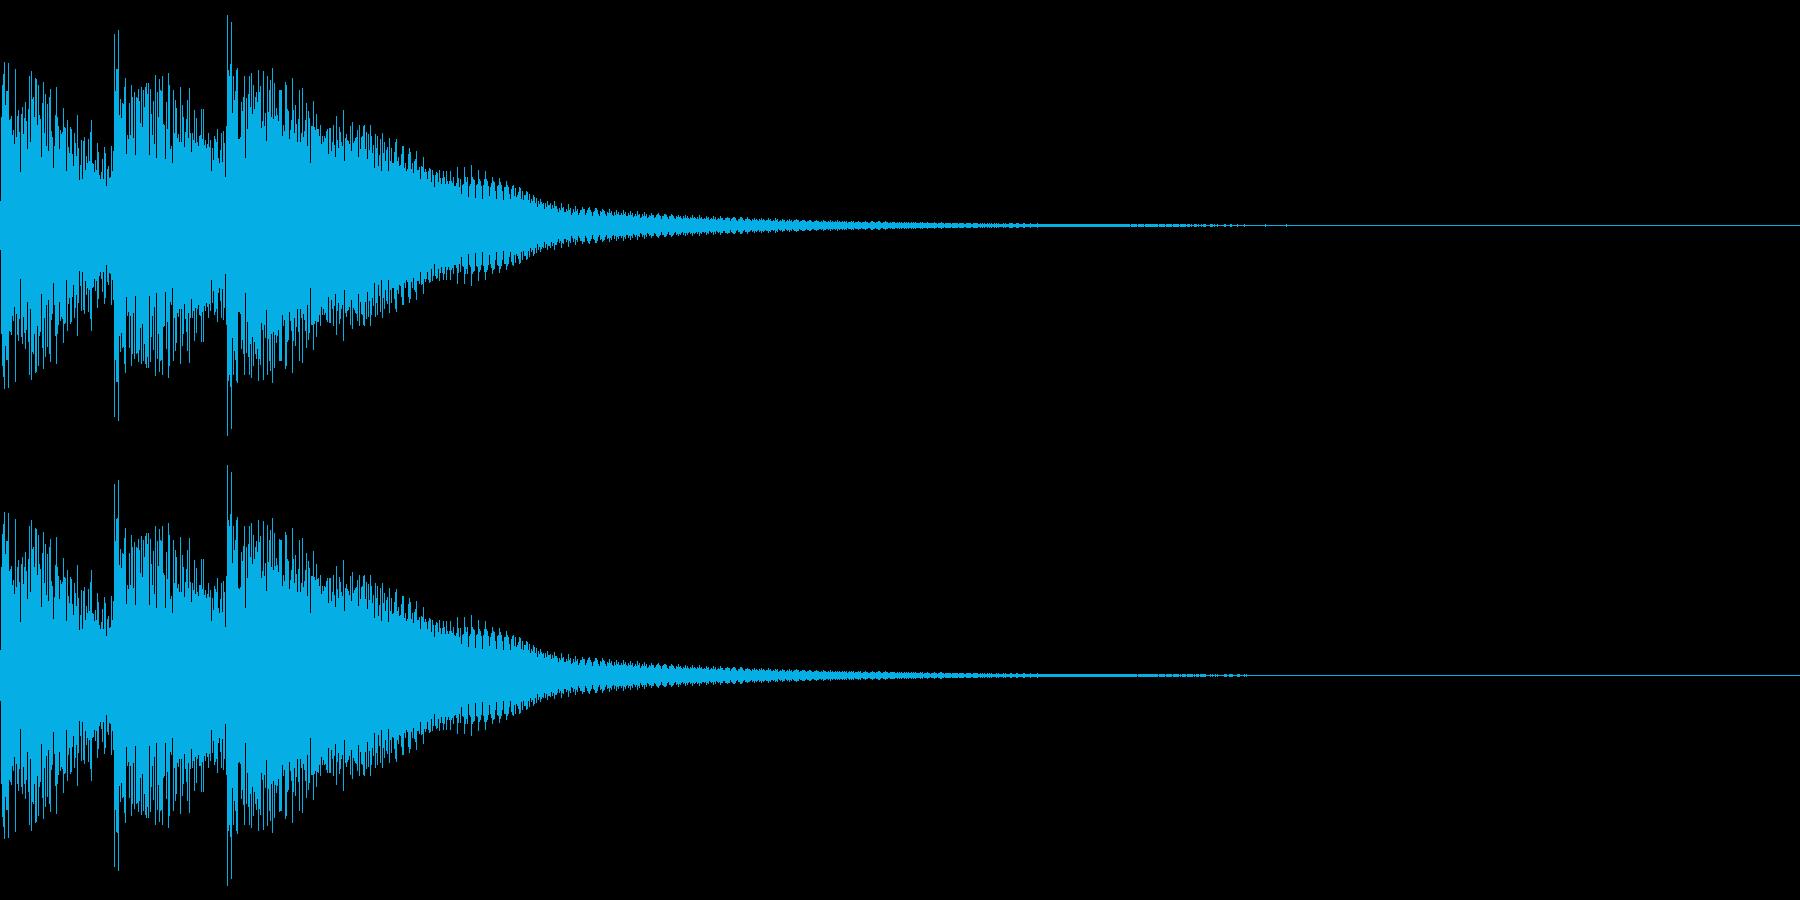 三味線フレーズ01(ドドドン)の再生済みの波形